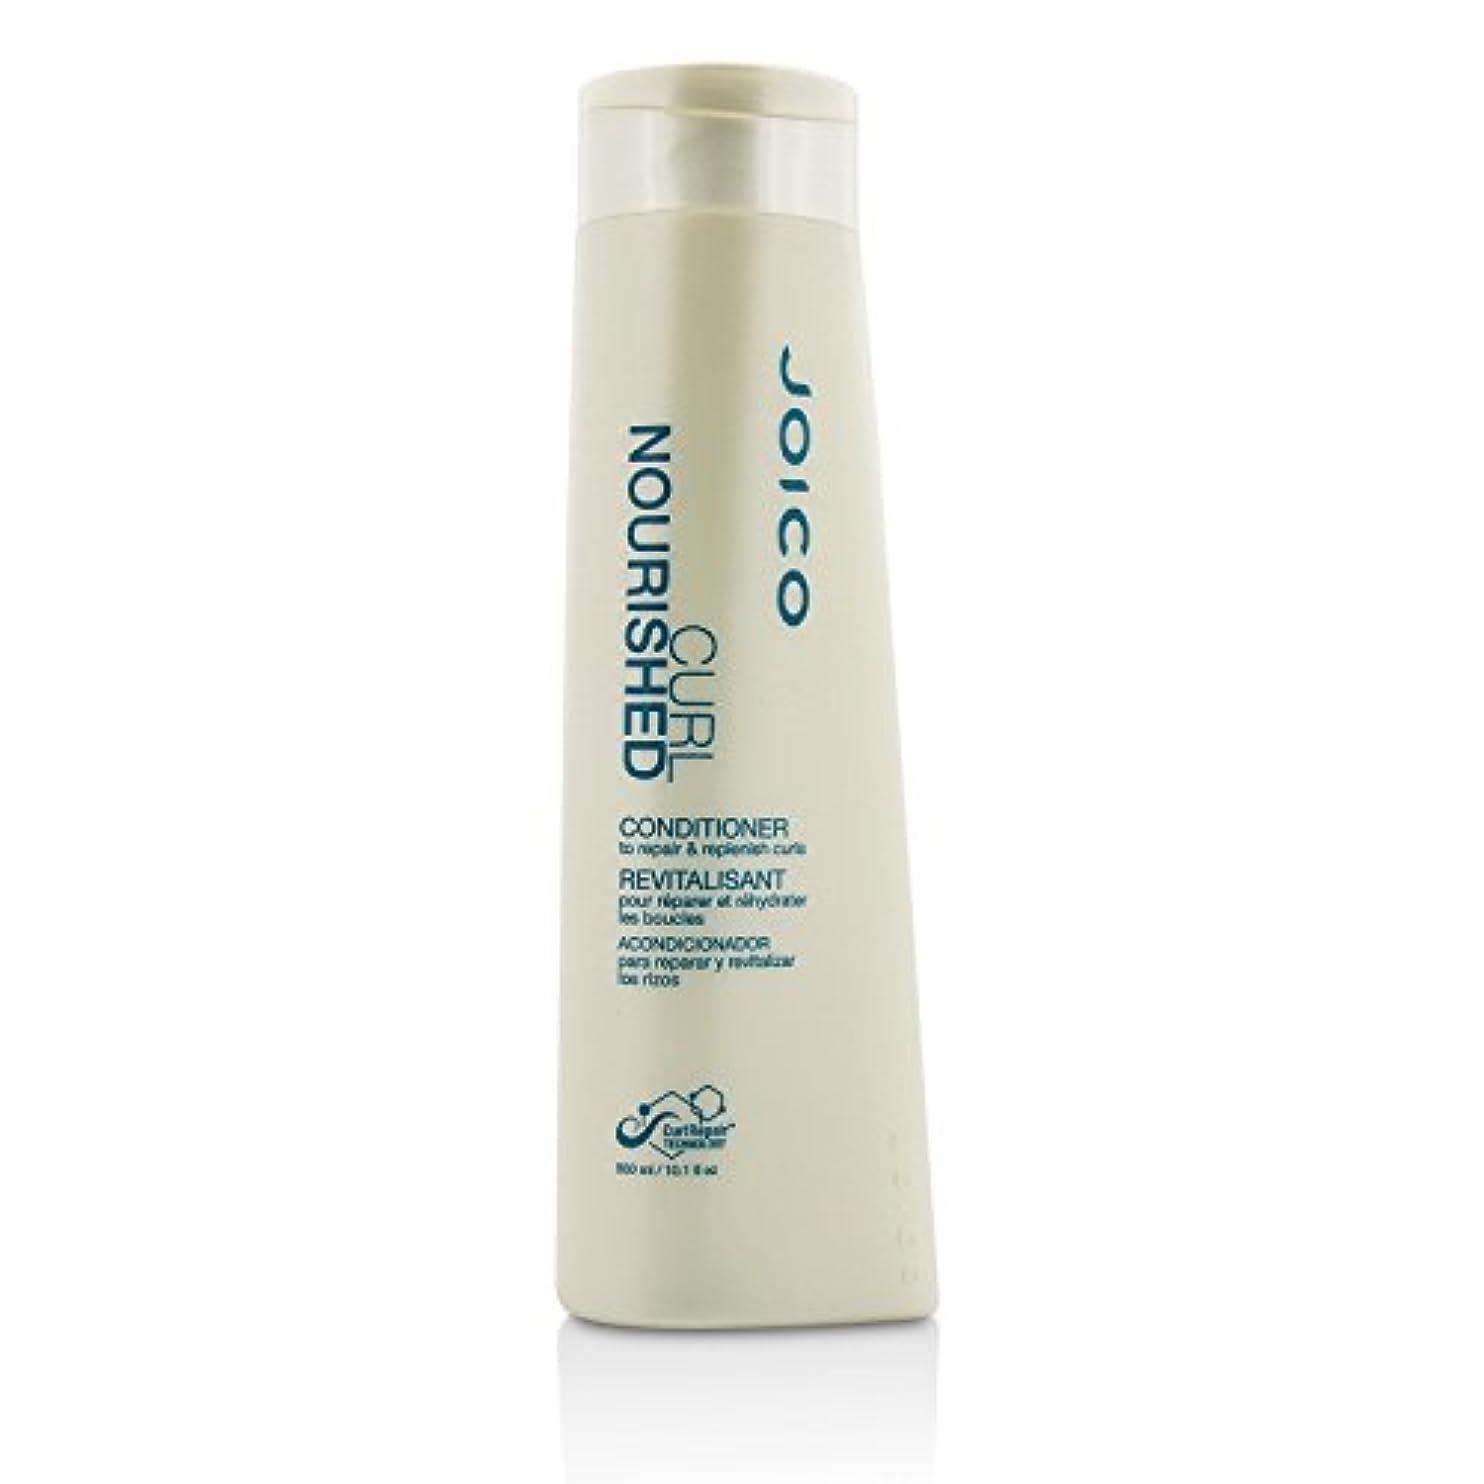 未使用アサーバイバイジョイコ Curl Nourished Conditioner (To Repair & Nourish Curls) 300ml/10.1oz並行輸入品